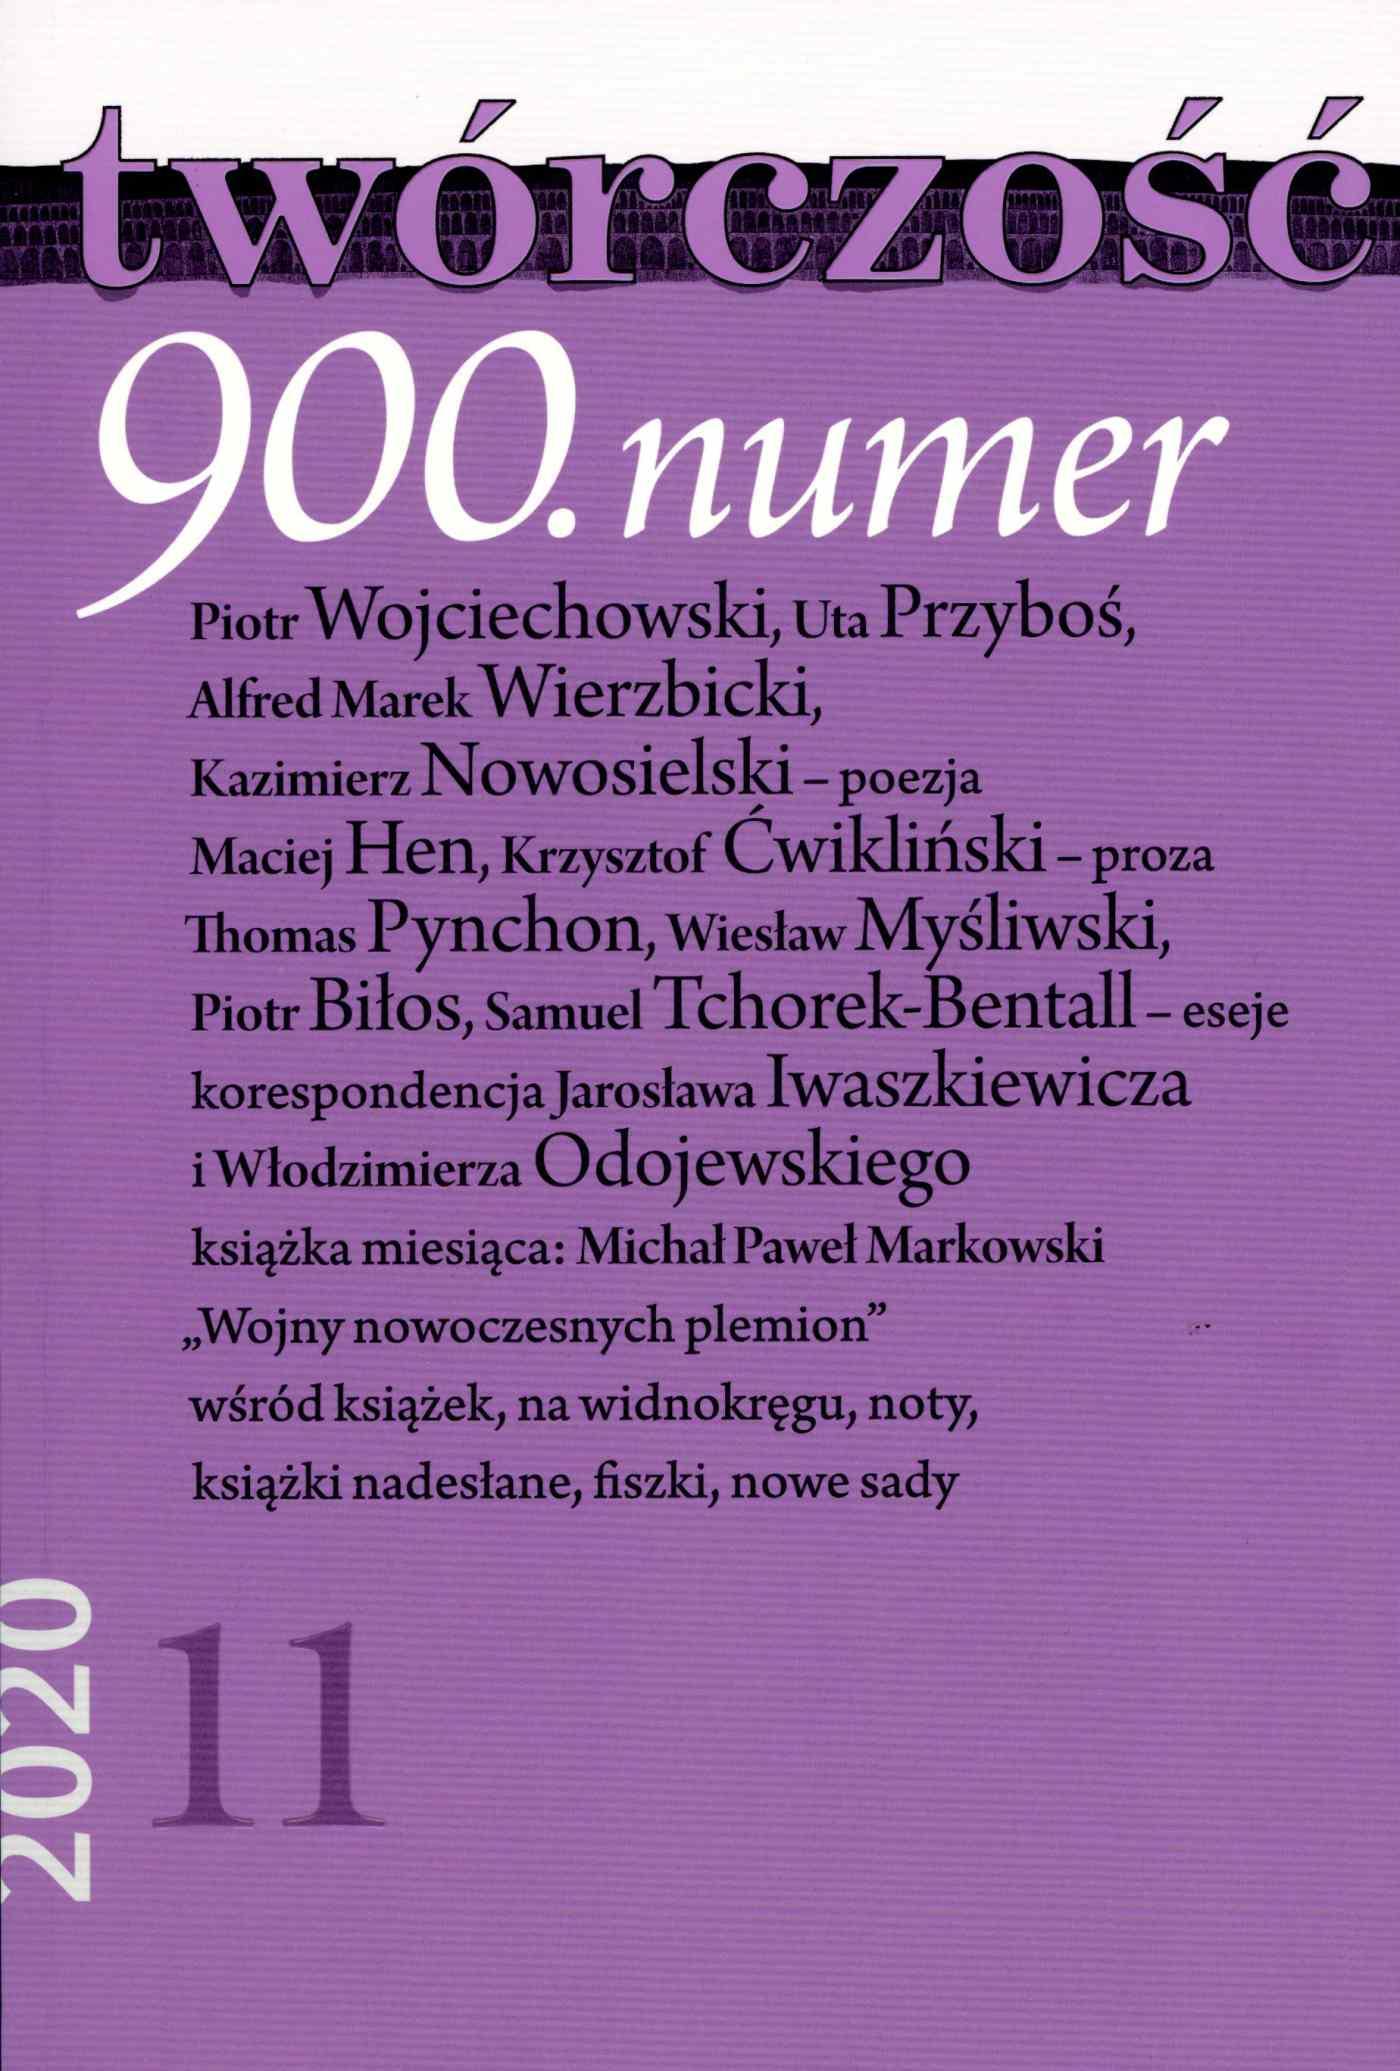 Twórczość 11/2020 - Ebook (Książka EPUB) do pobrania w formacie EPUB